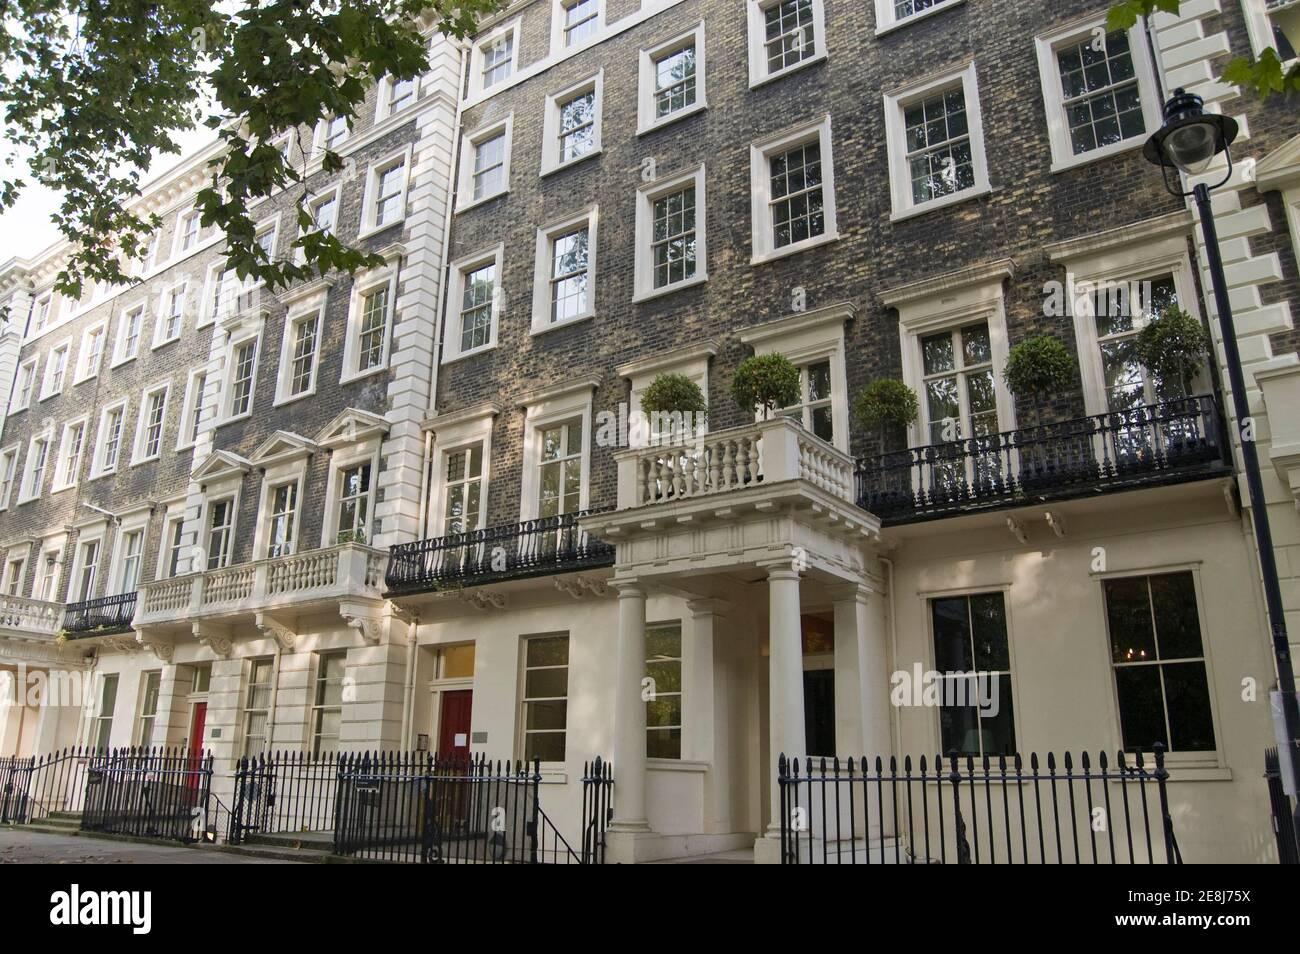 Lytton Strachey (1880 - 1932) vivait dans cette maison historique de Gordon Square, Bloomsbury, Londres. Les voisins de Strachey comprenaient Virginia Woolf et Othe Banque D'Images